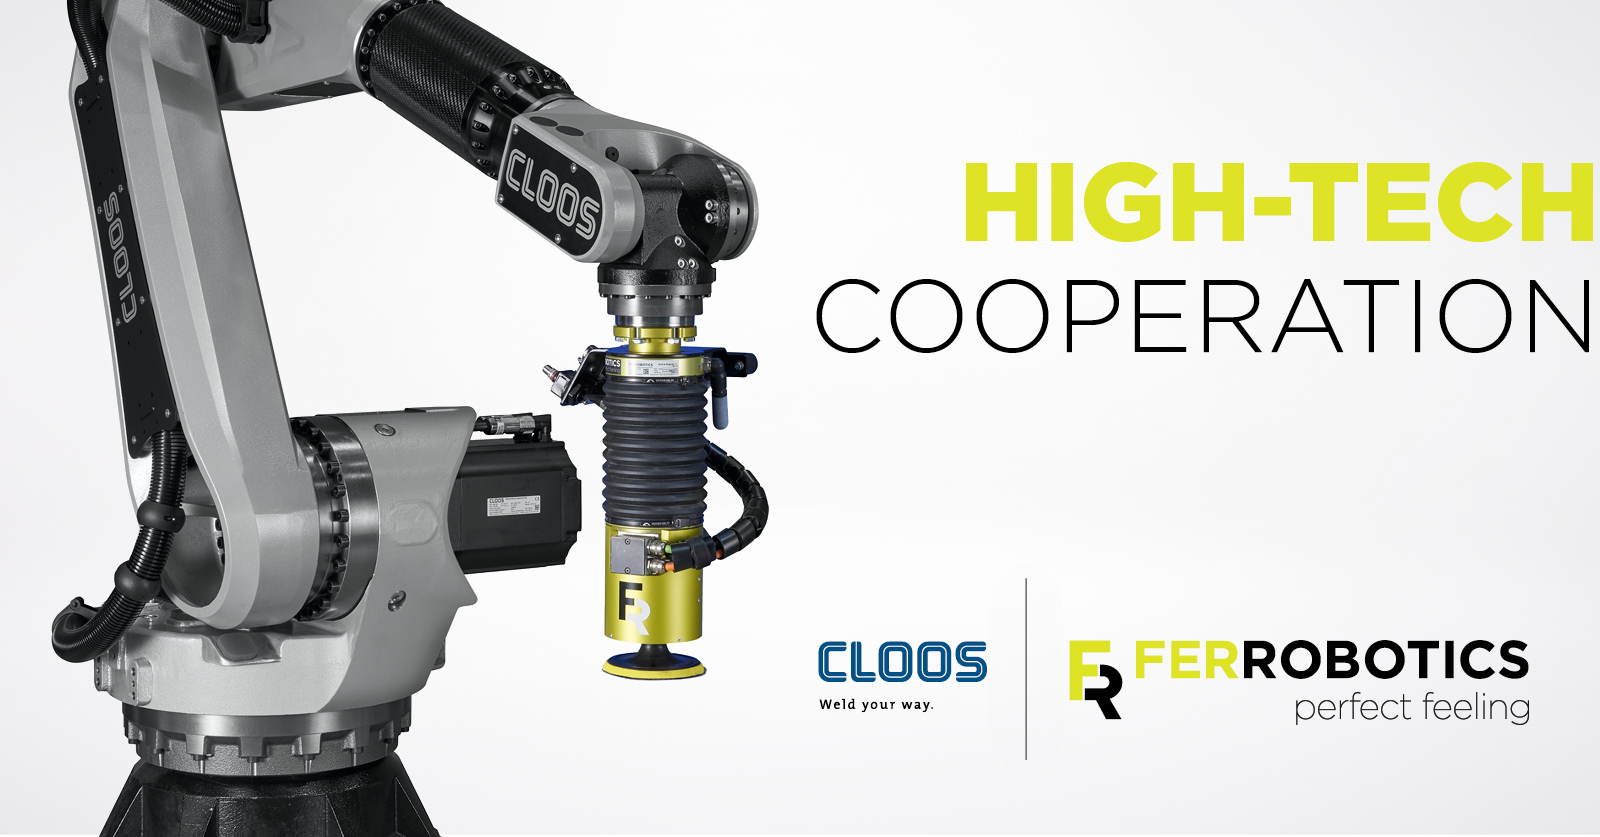 FerRobotics CLOOS robotic welding grinding cooperation